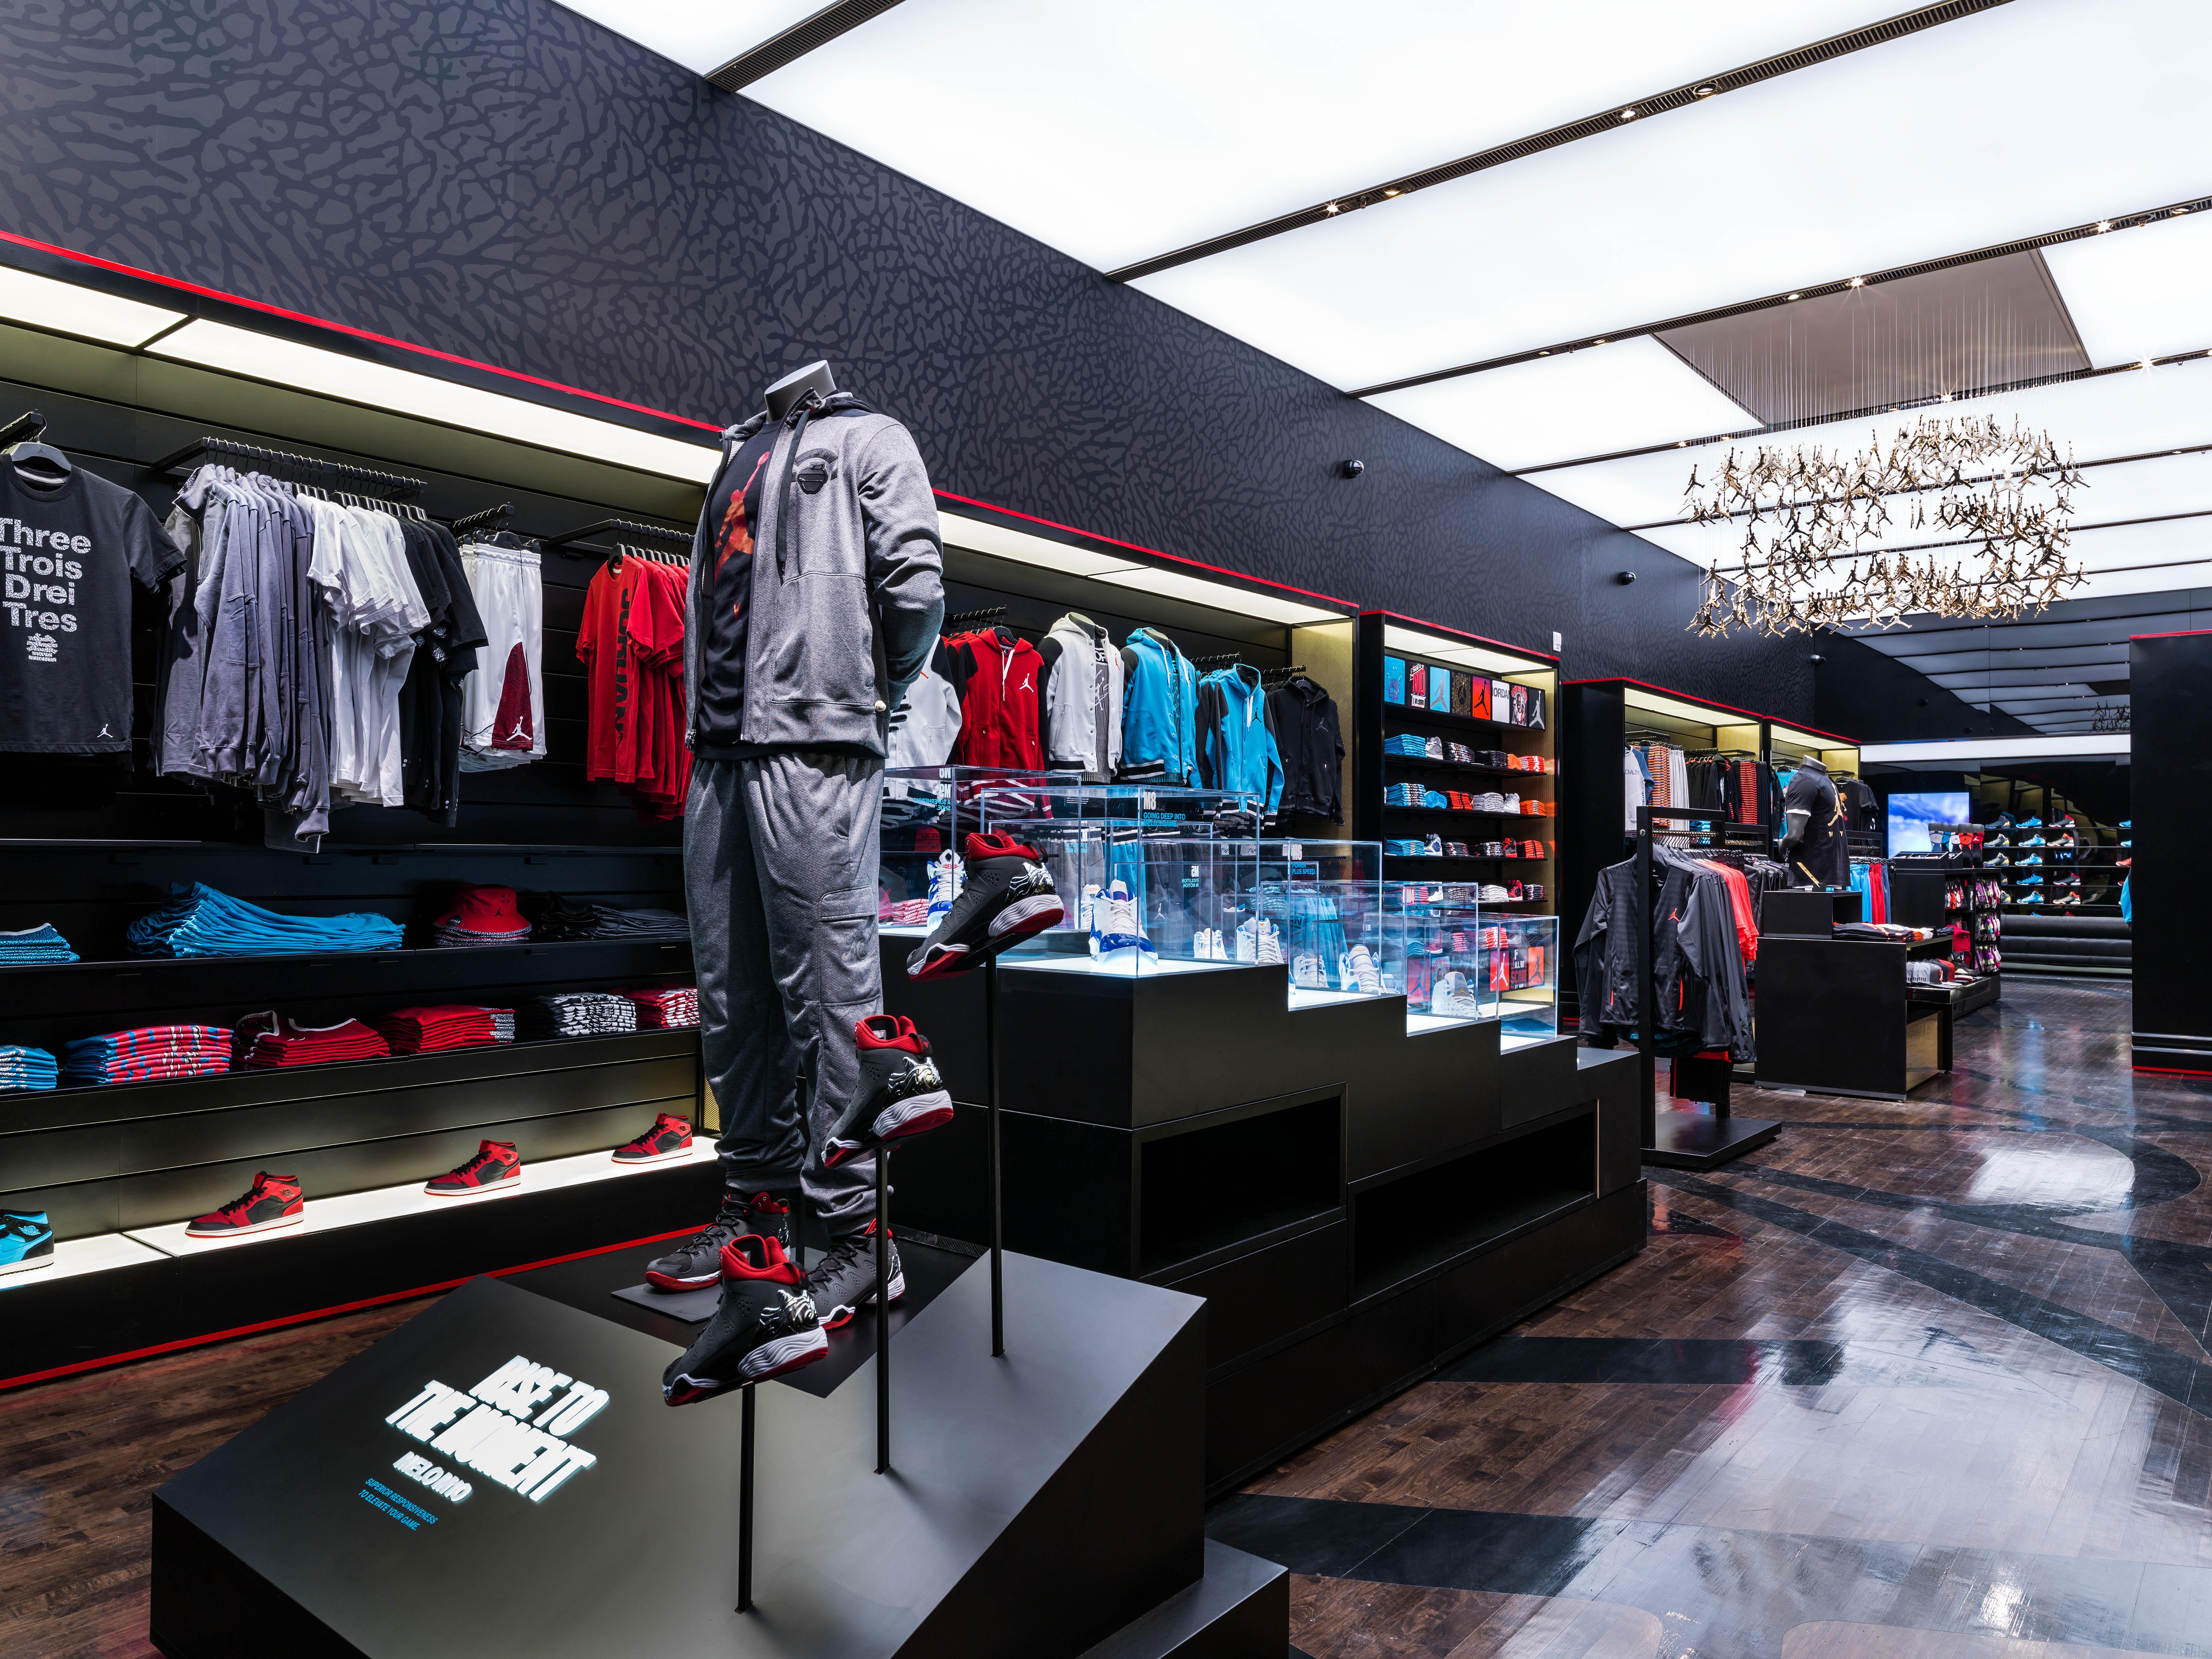 air jordan shop in new york